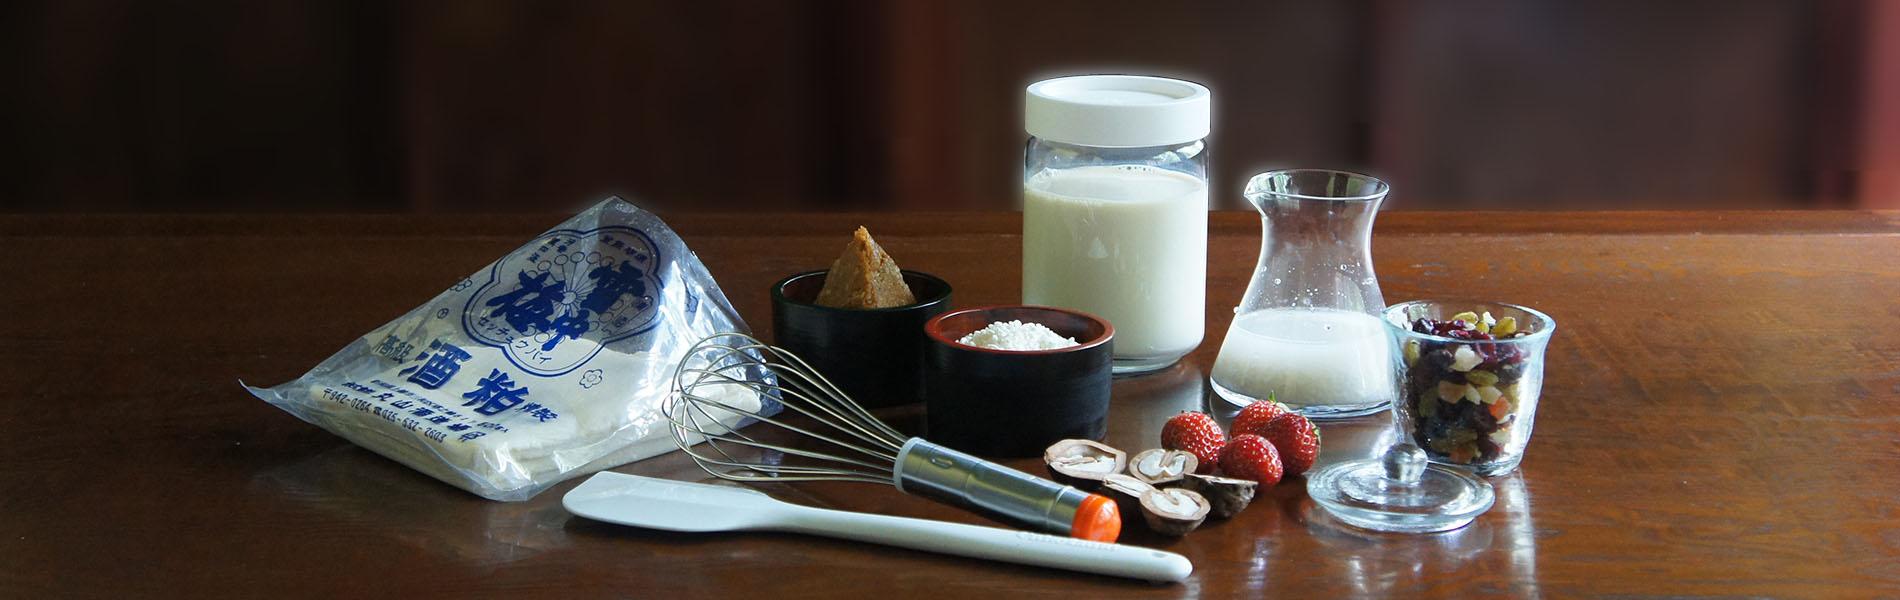 CAFE HAYASHI 発酵食品